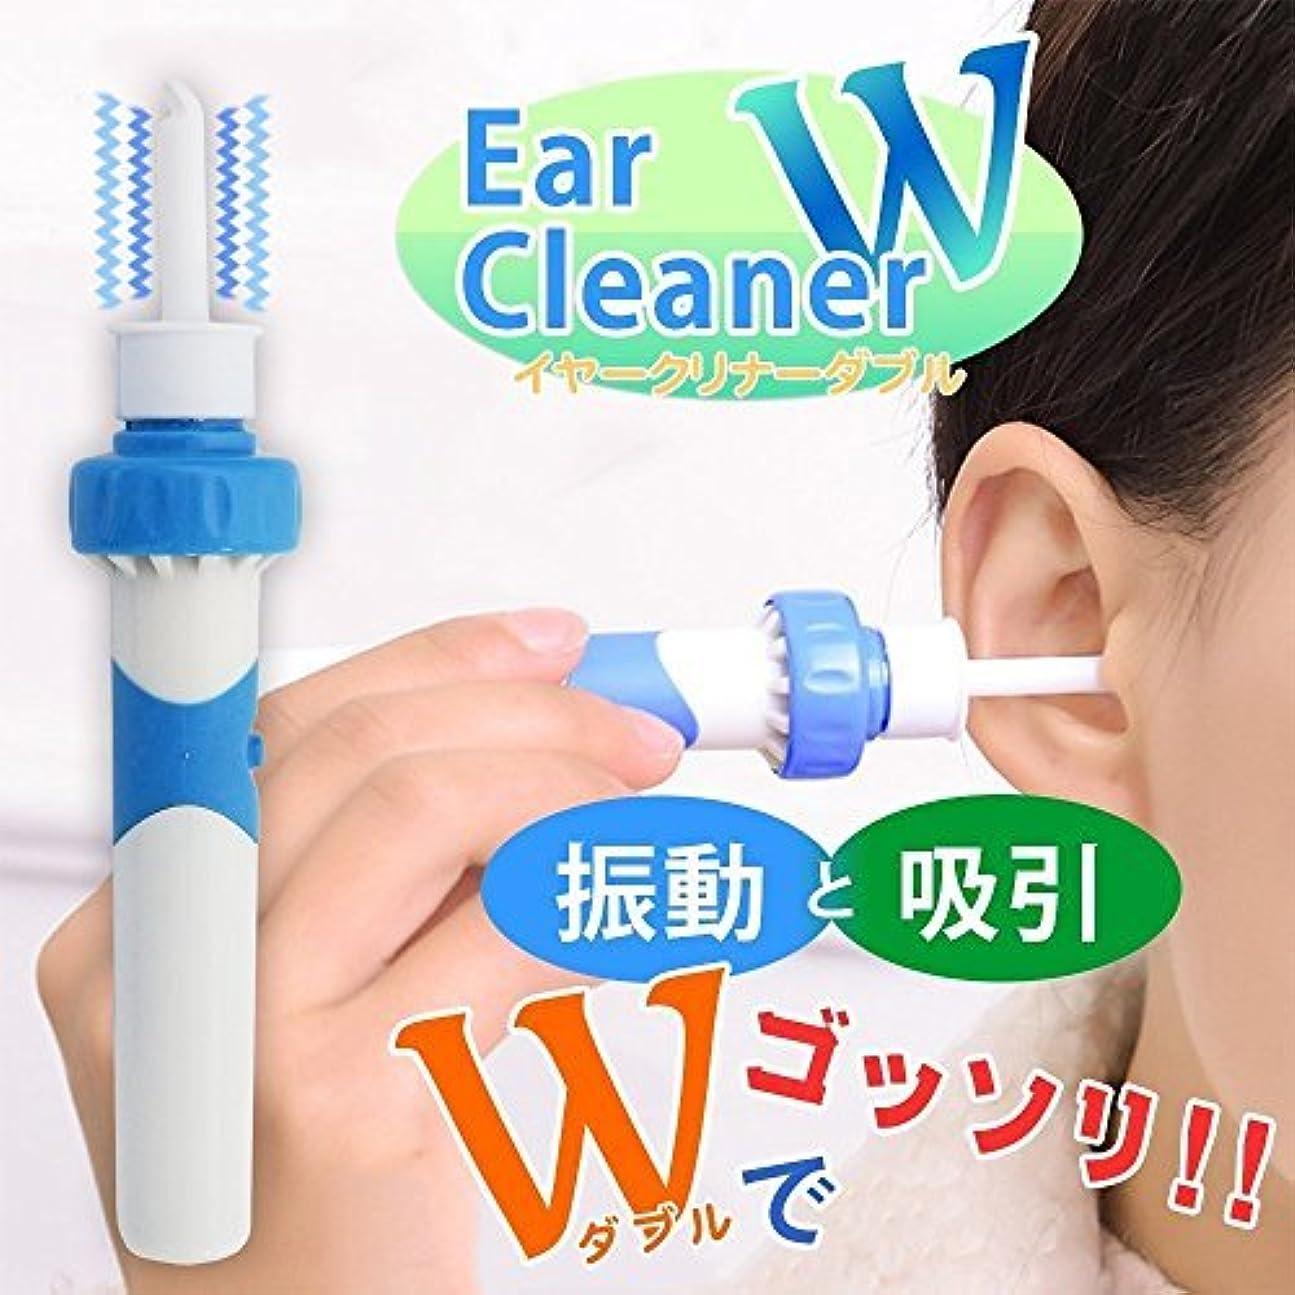 わずかに生理ドループCHUI FEN 耳掃除機 電動耳掃除 耳クリーナー 耳掃除 みみそうじ 耳垢 吸引 耳あか吸引